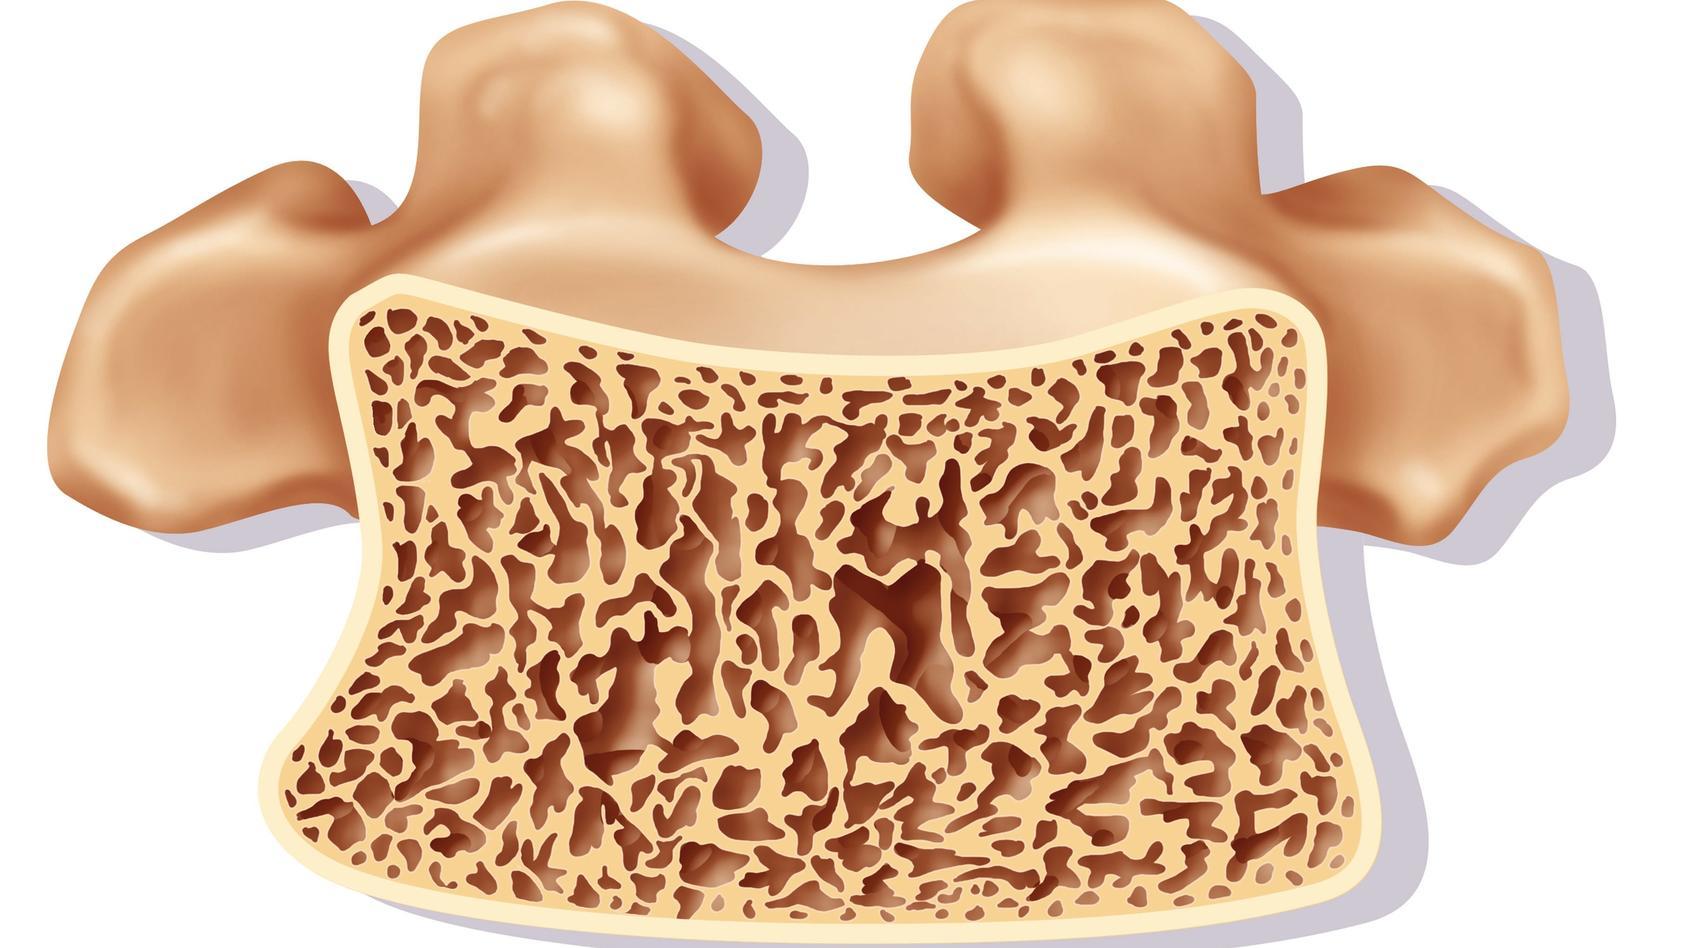 Die Osteopenie bezeichnet eine Minderung der Knochendichte.